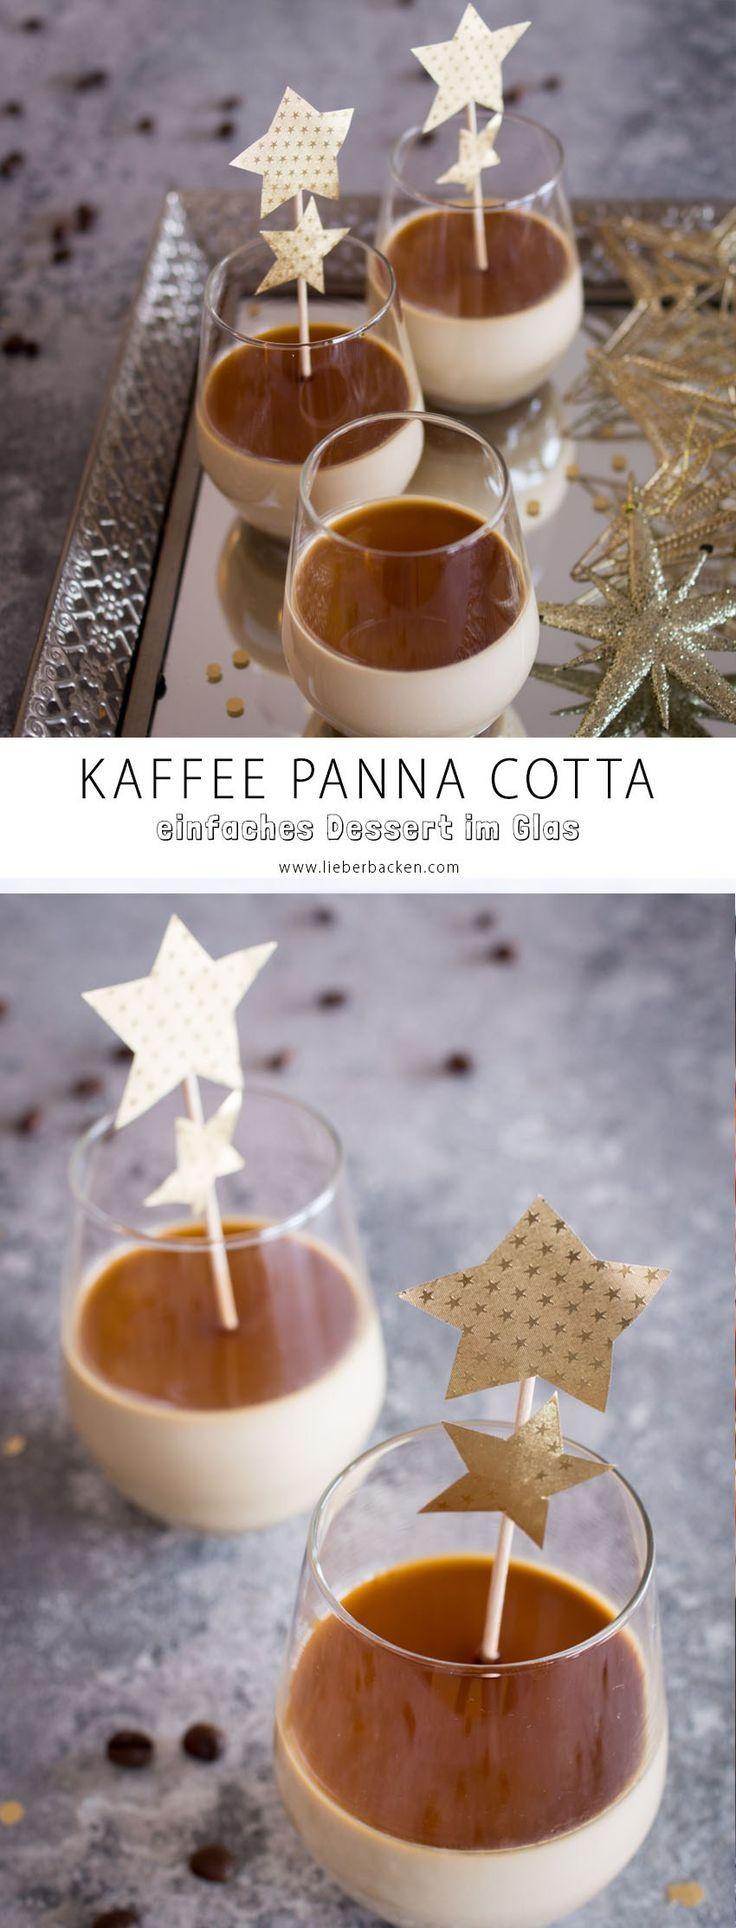 Dessert im Glas: Kaffee Panna Cotta – Goldschmankerl | Foodblog & more